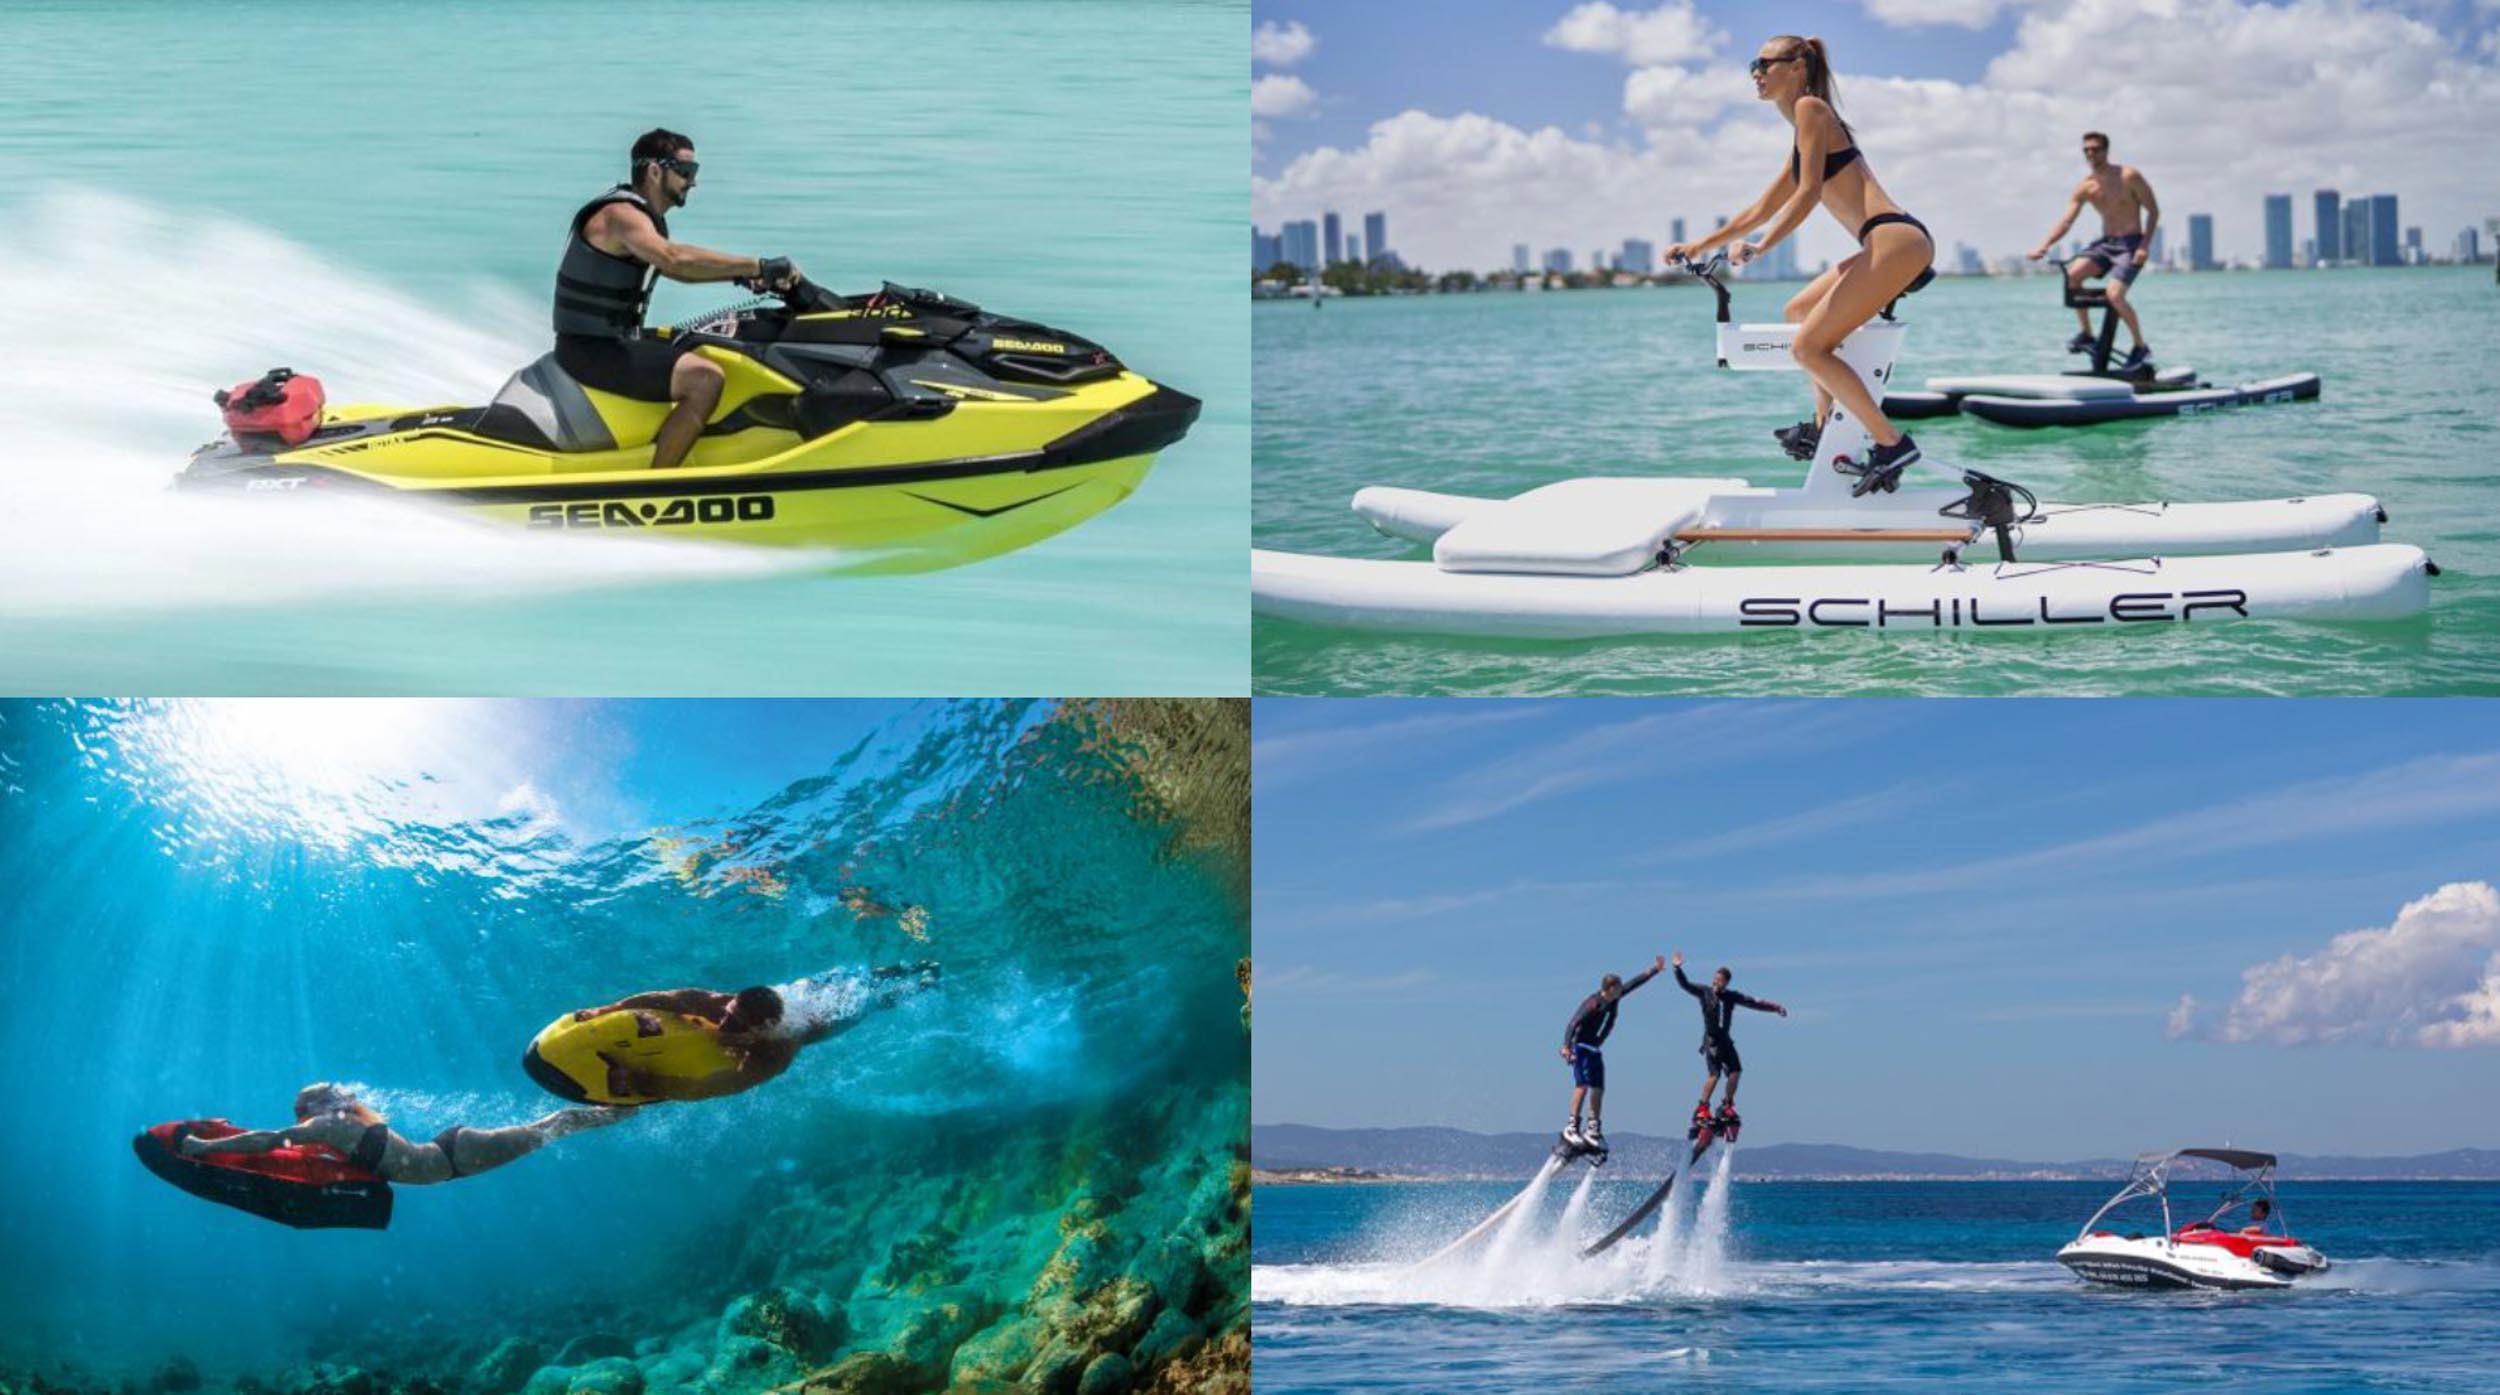 Varios deportes acuáticos que practicar en Ibiza: Flyboard, propulsores acuáticos Seabob, bicis acuáticas Schiller, paddlesurf gigante desde nuestras embarcaciones De Antonio Yachts.